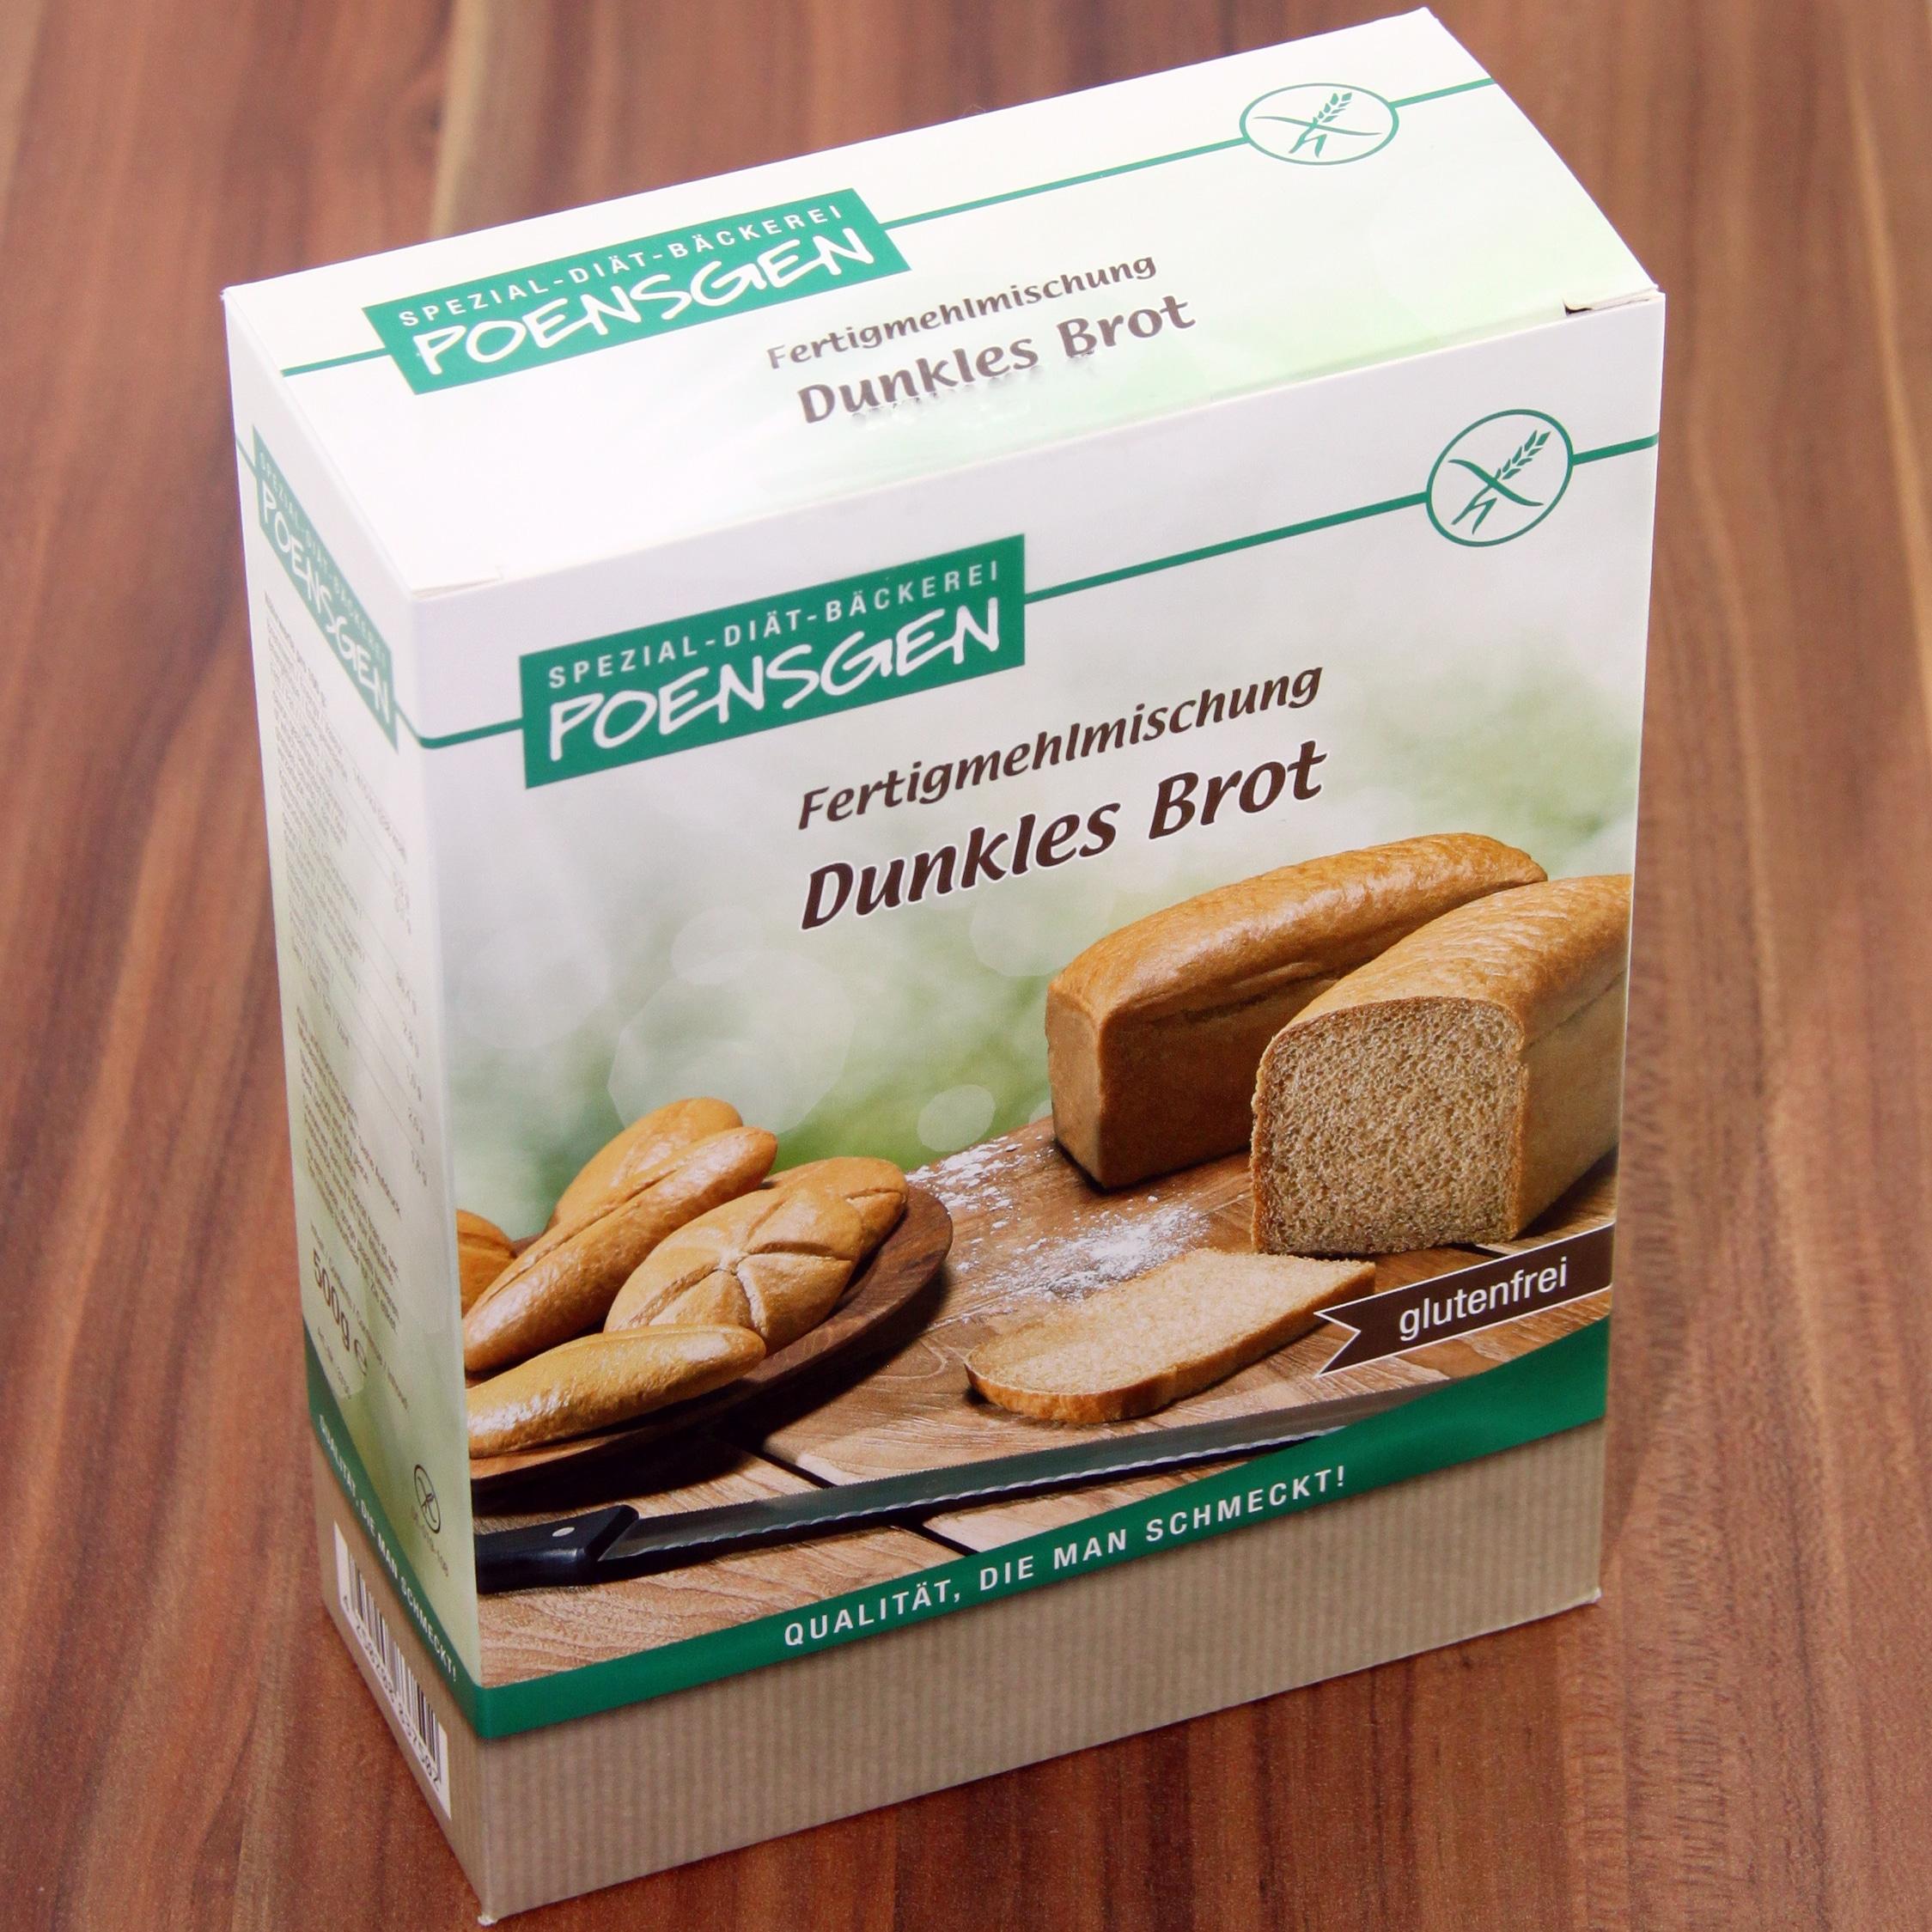 Poensgen Dunkles Brot Backmischung Glutenfrei 500g